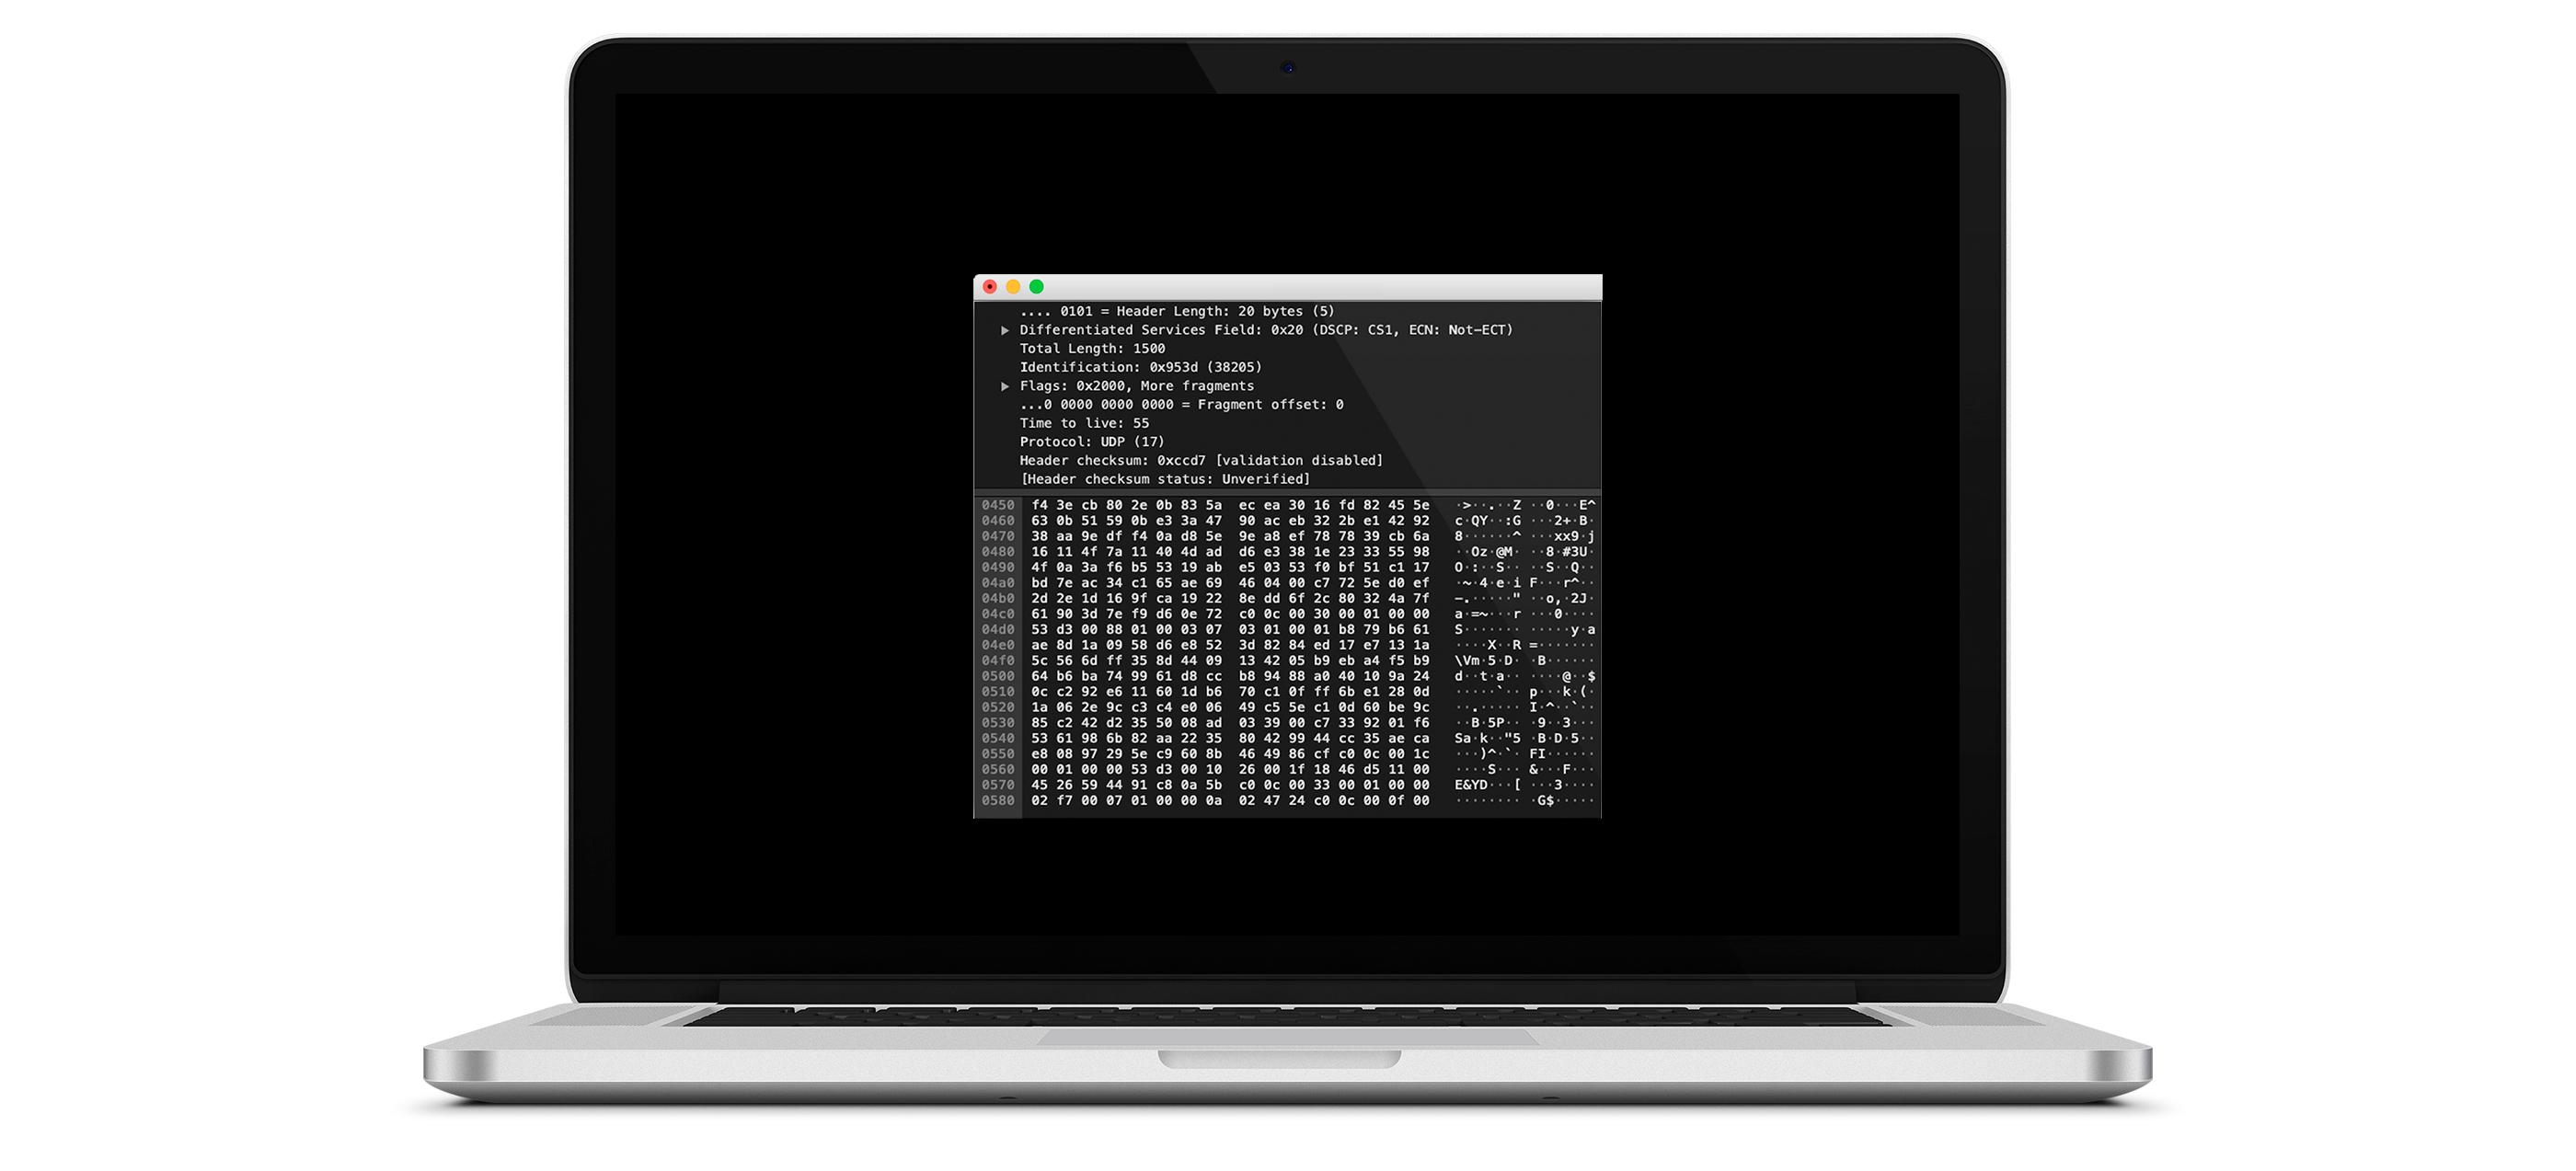 Notebook com a analise de pacotes da solução anti-ddos da UPX